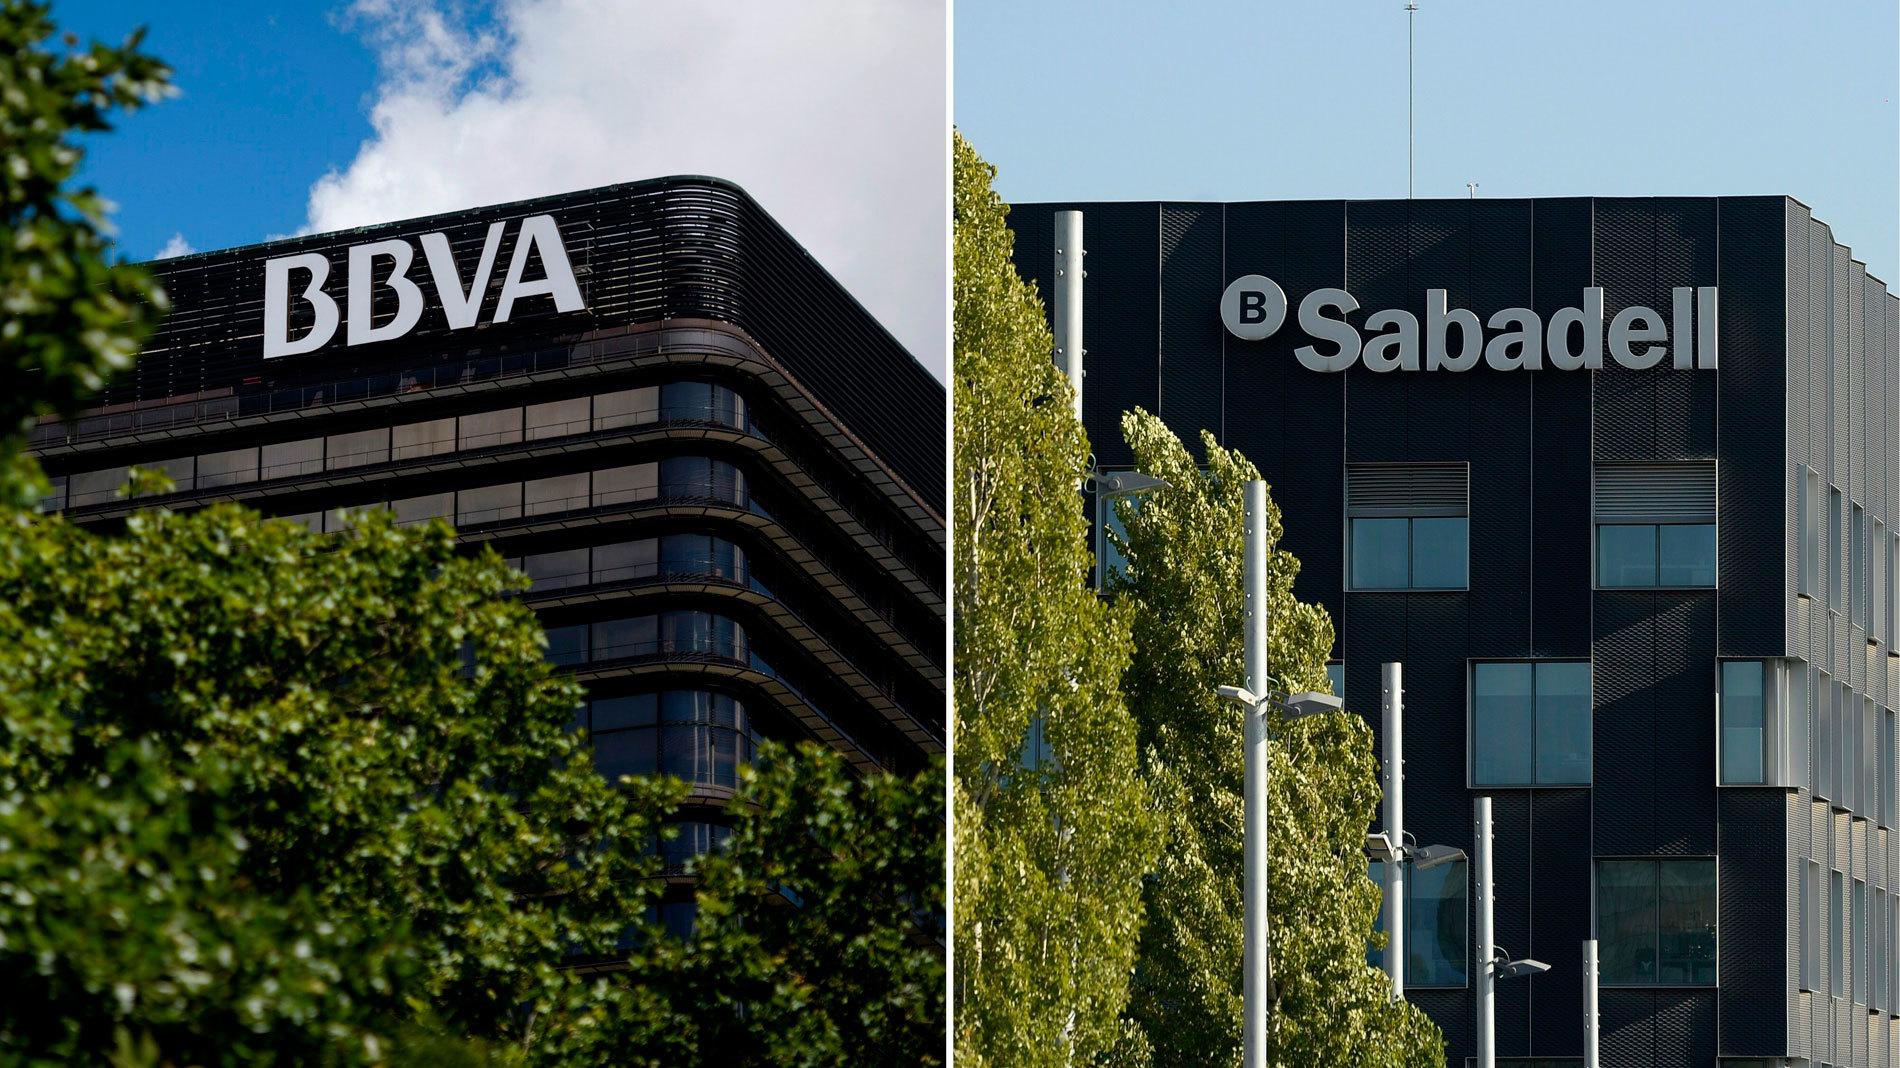 Banco Sabadell y BBVA concluyen sin acuerdo las conversaciones para su fusión